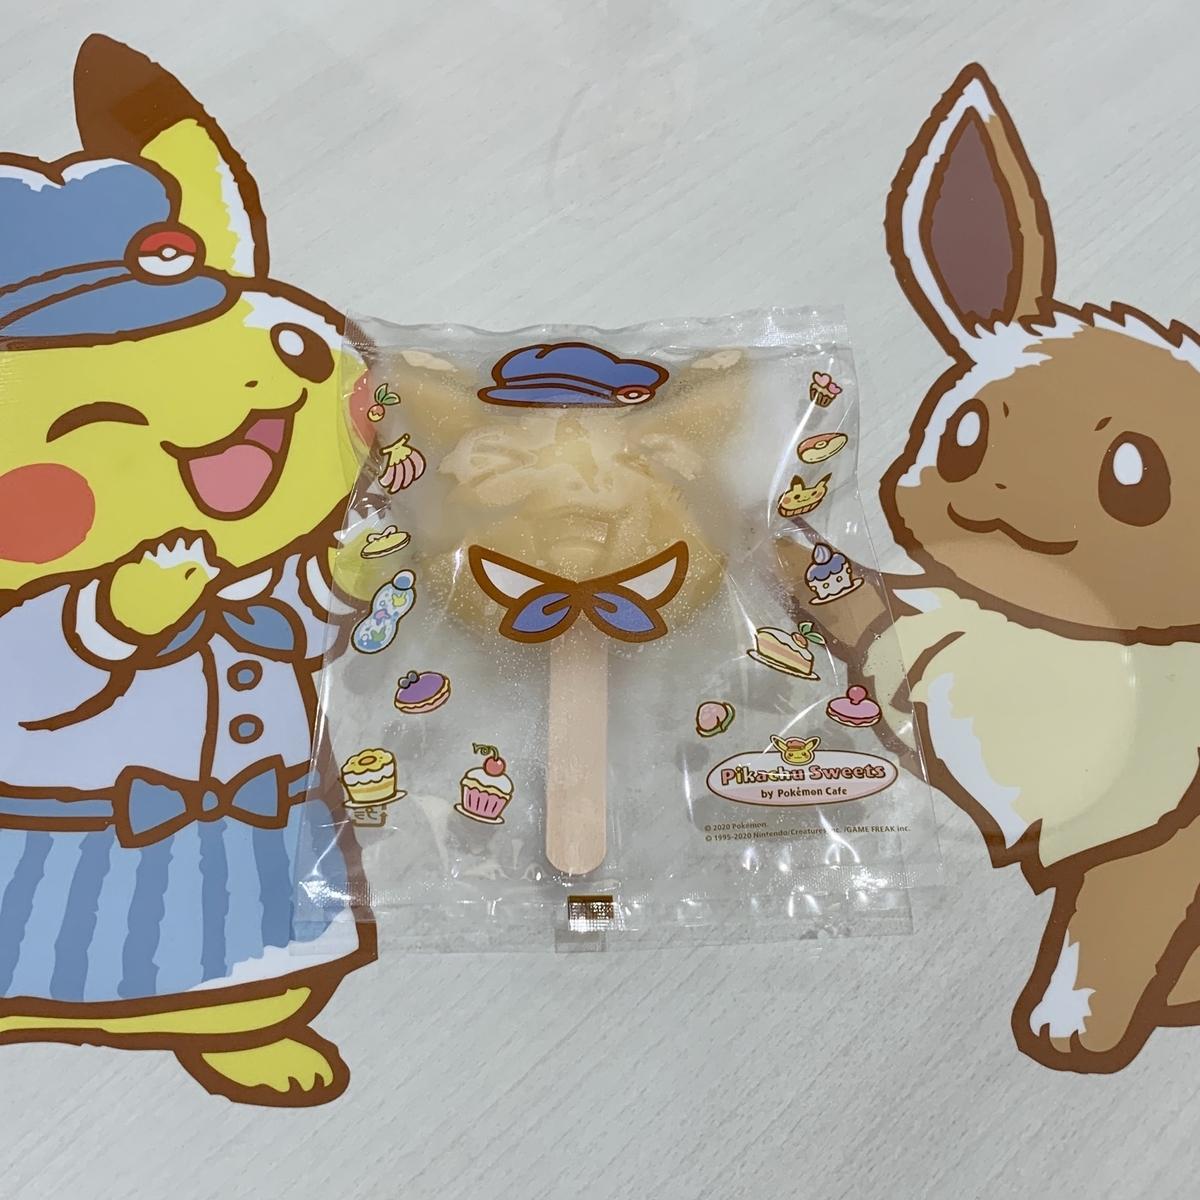 f:id:pikachu_pcn:20200814153117j:plain